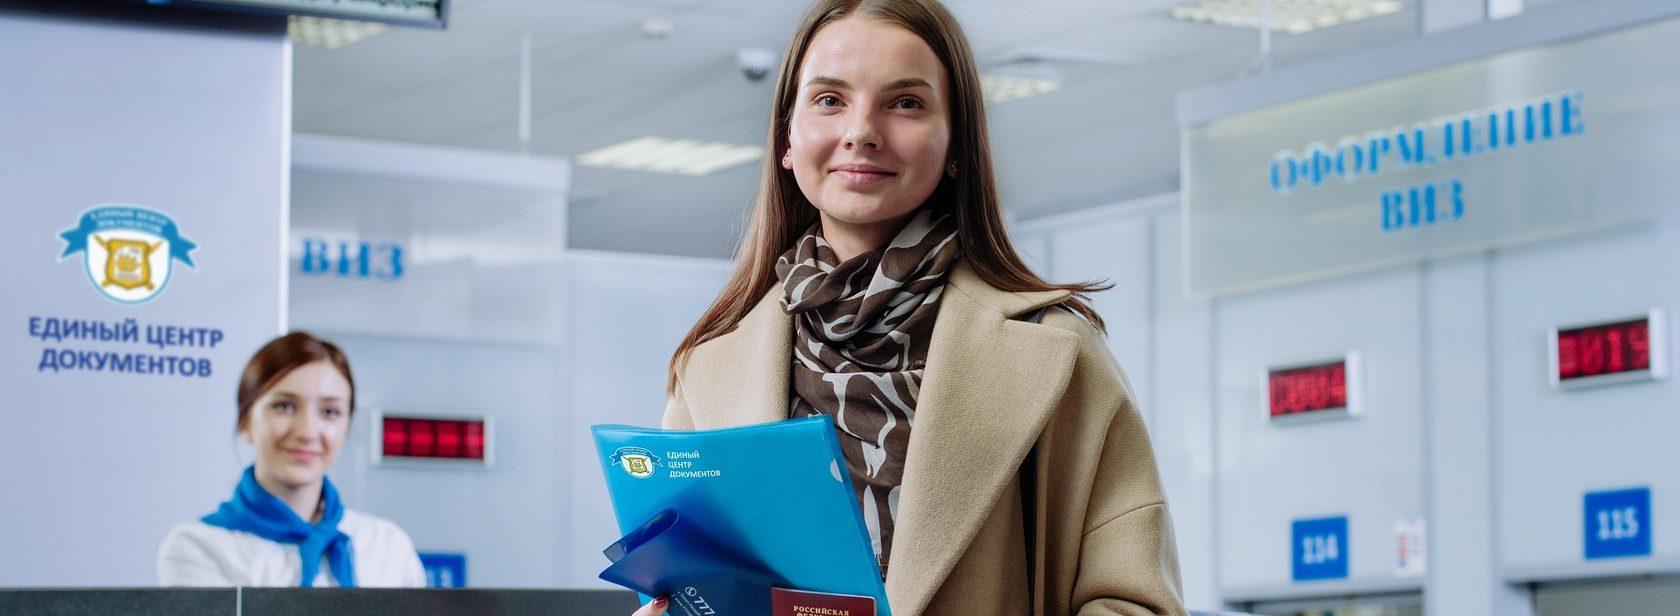 ЕЦД, где сделать визу, сделать визу быстро, виза в отпуск, визовый центр ЕЦД, как сделать визу в ЕЦД, ЕЦД виза